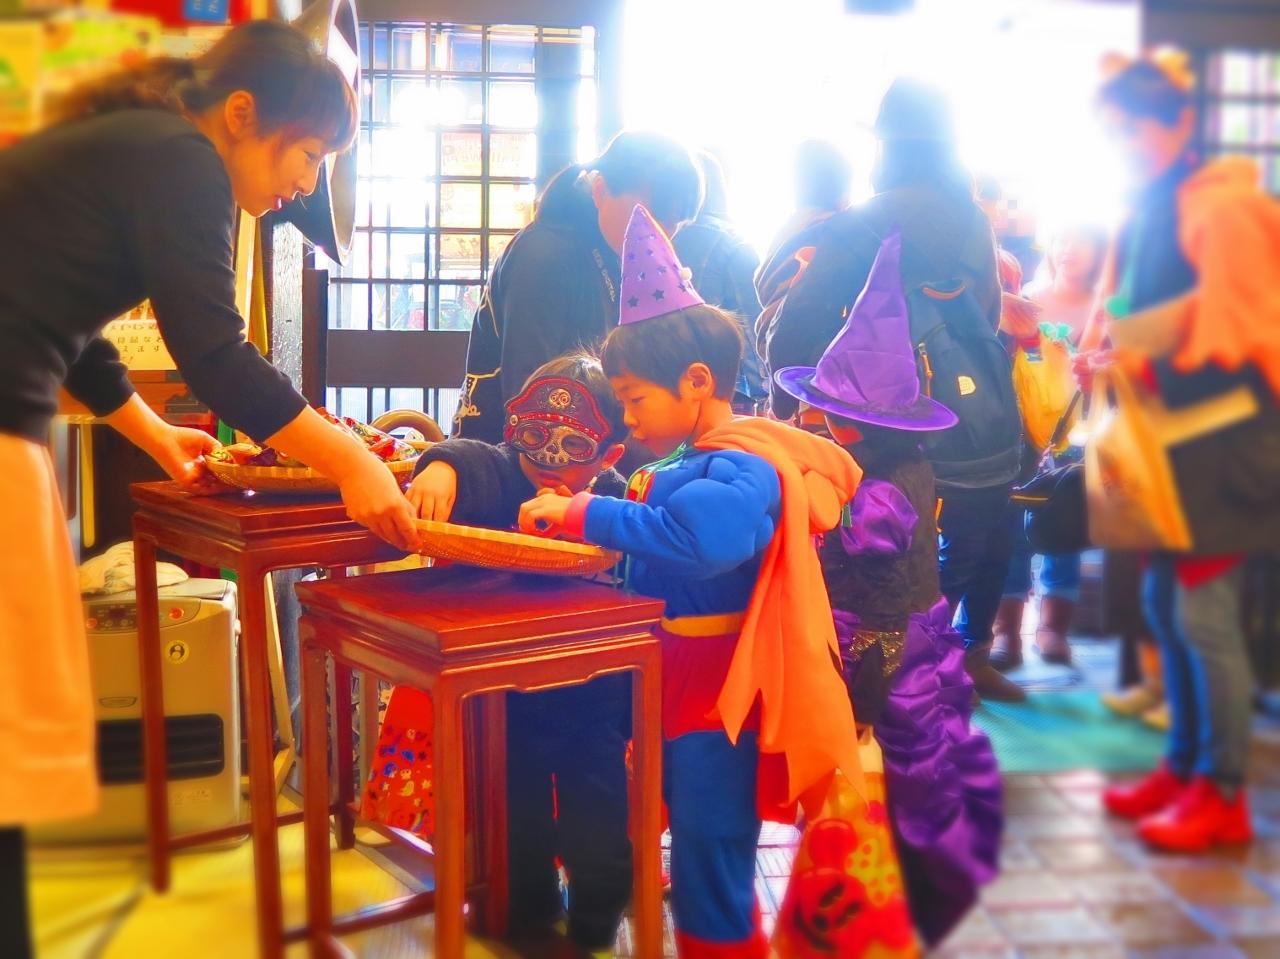 ハロウィーン仮装パーティー戸倉上山田温泉中央ホテル